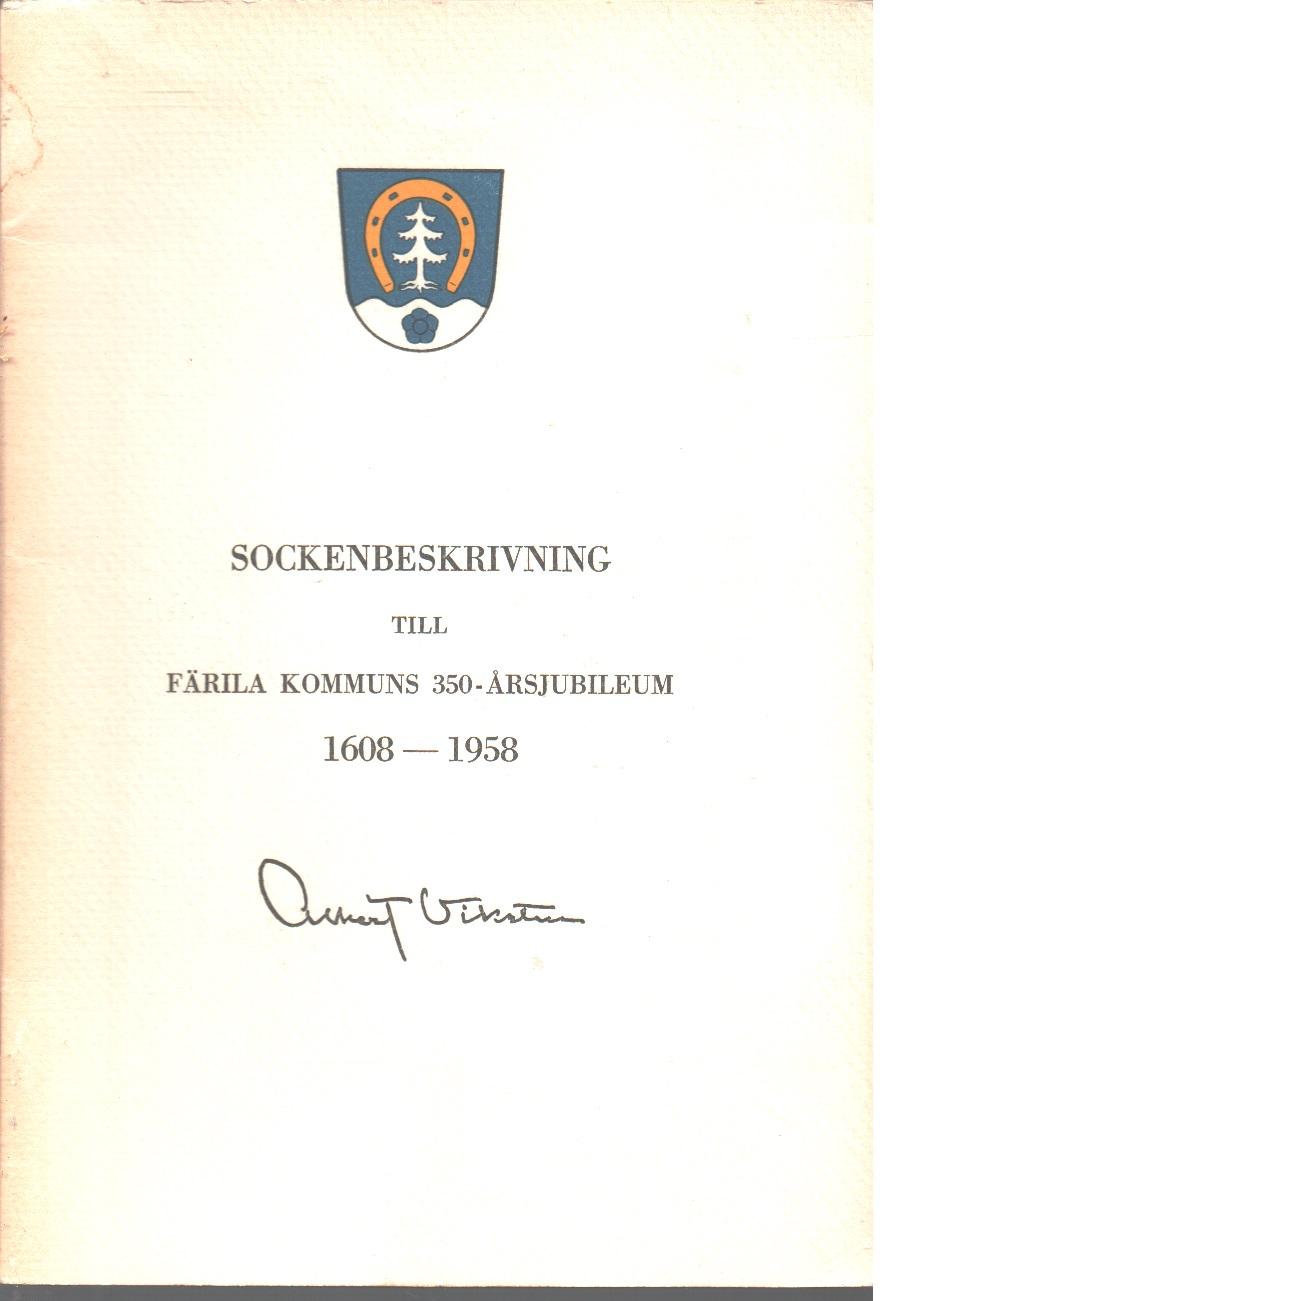 Sockenbeskrivning till Färila kommuns 350-årsjubileum 1608-1958. - Viksten, Albert